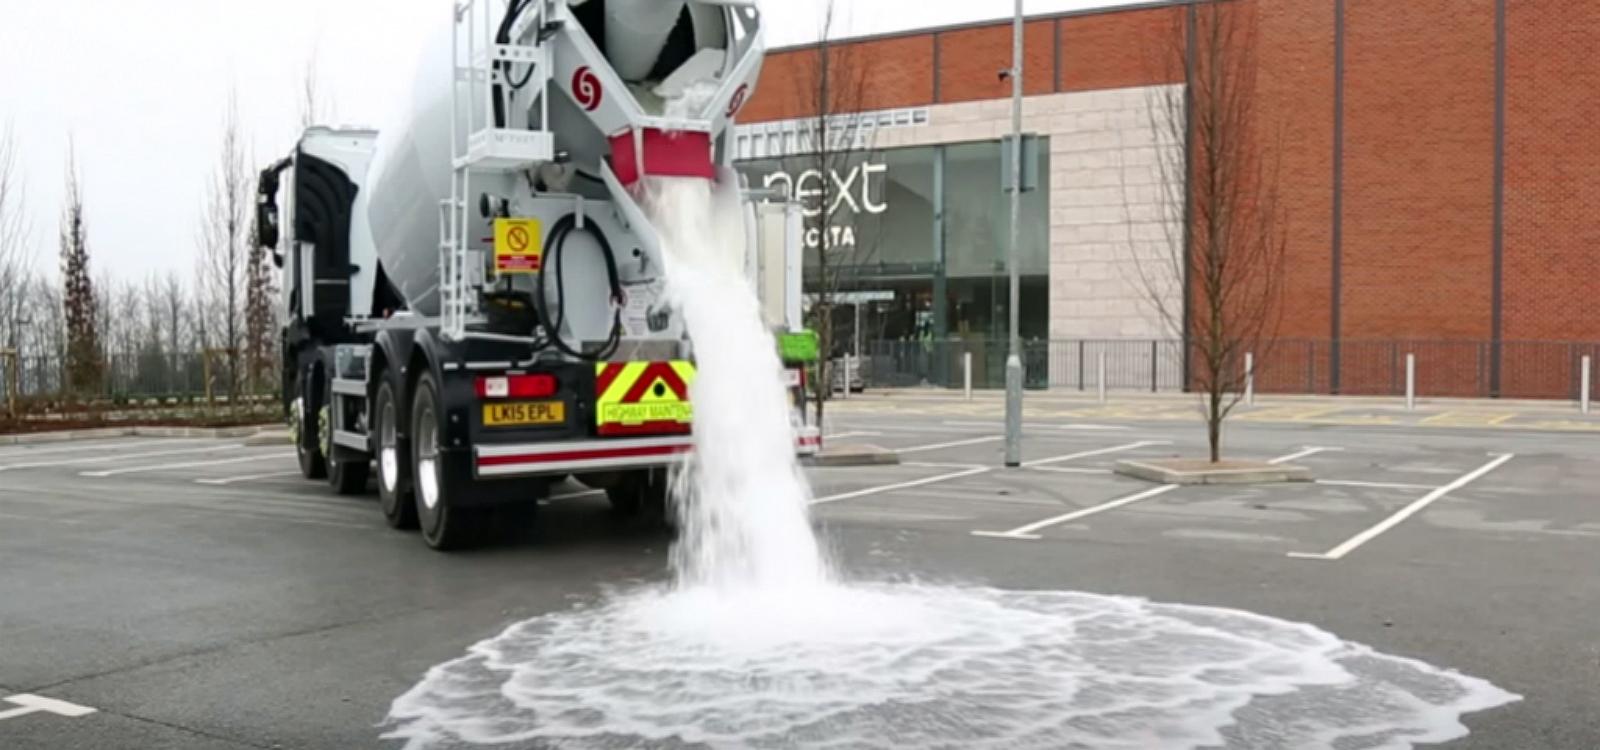 No teste de absorção, fabricante despejou quatro mil litros de água no concreto permeável